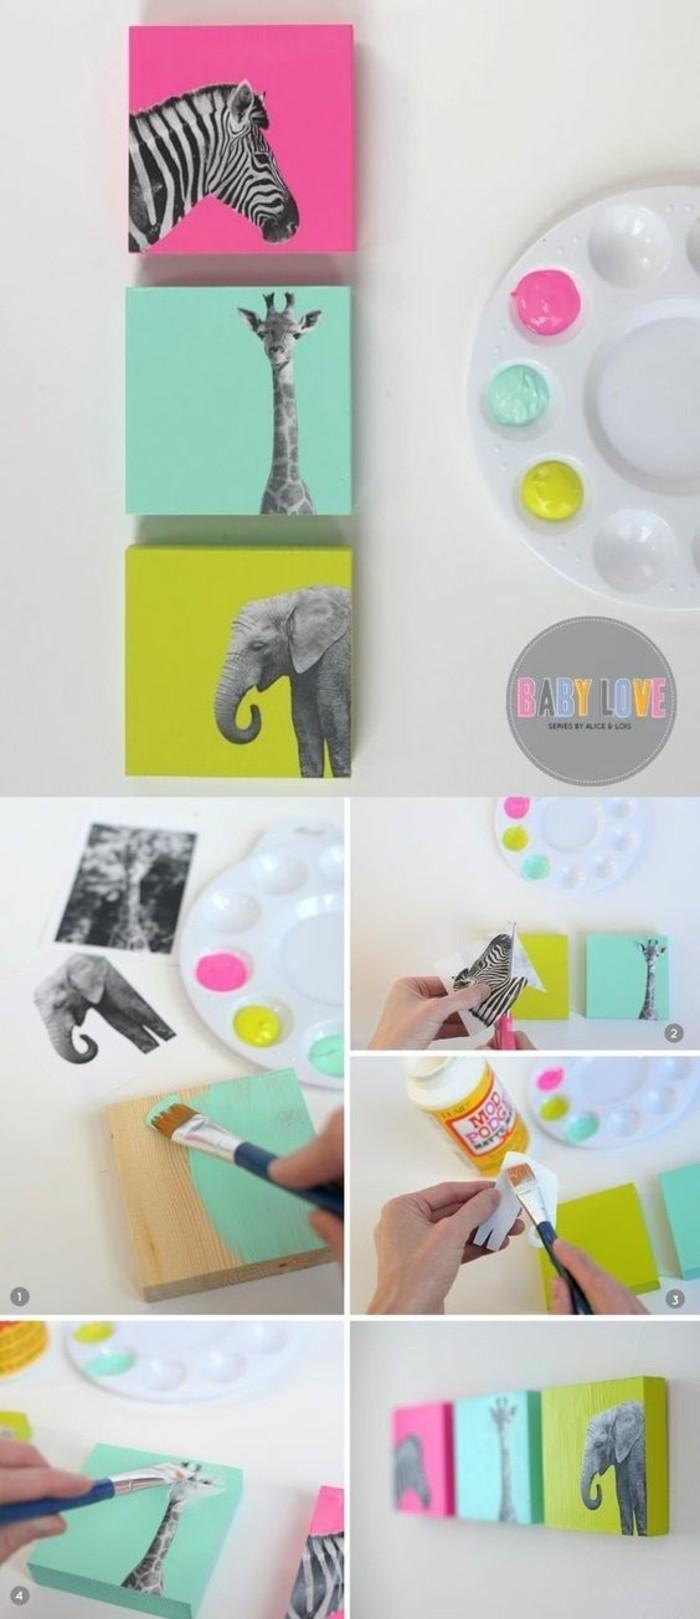 manualidades decoracion simpáticos para niños y adultos, como adornar la casa en primavera